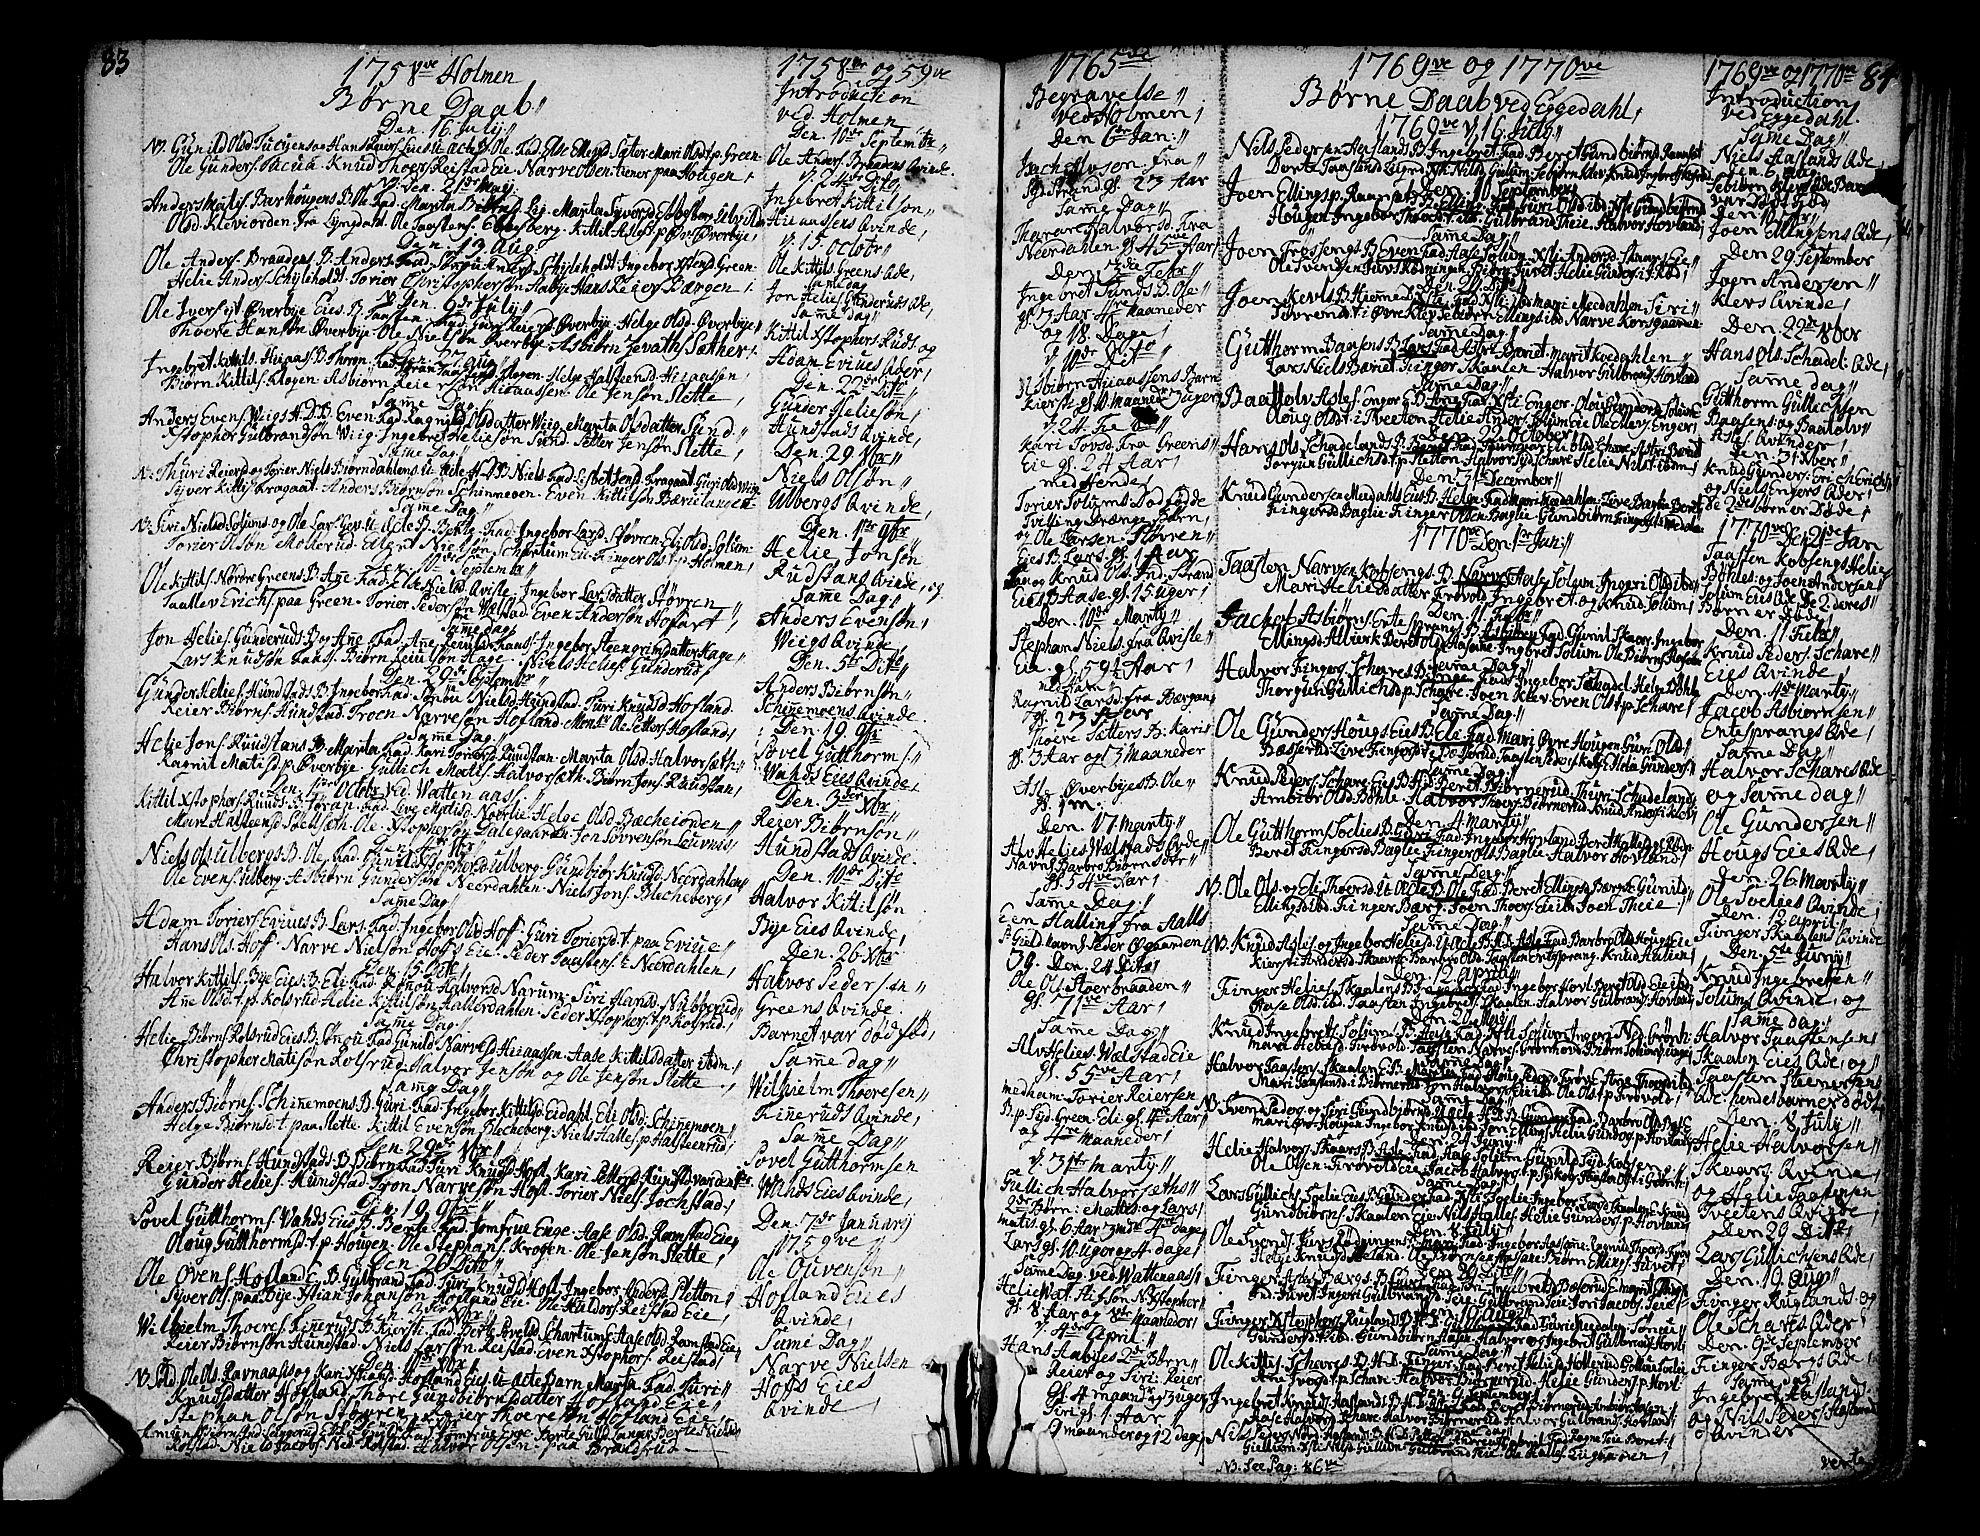 SAKO, Sigdal kirkebøker, F/Fa/L0001: Ministerialbok nr. I 1, 1722-1777, s. 83-84